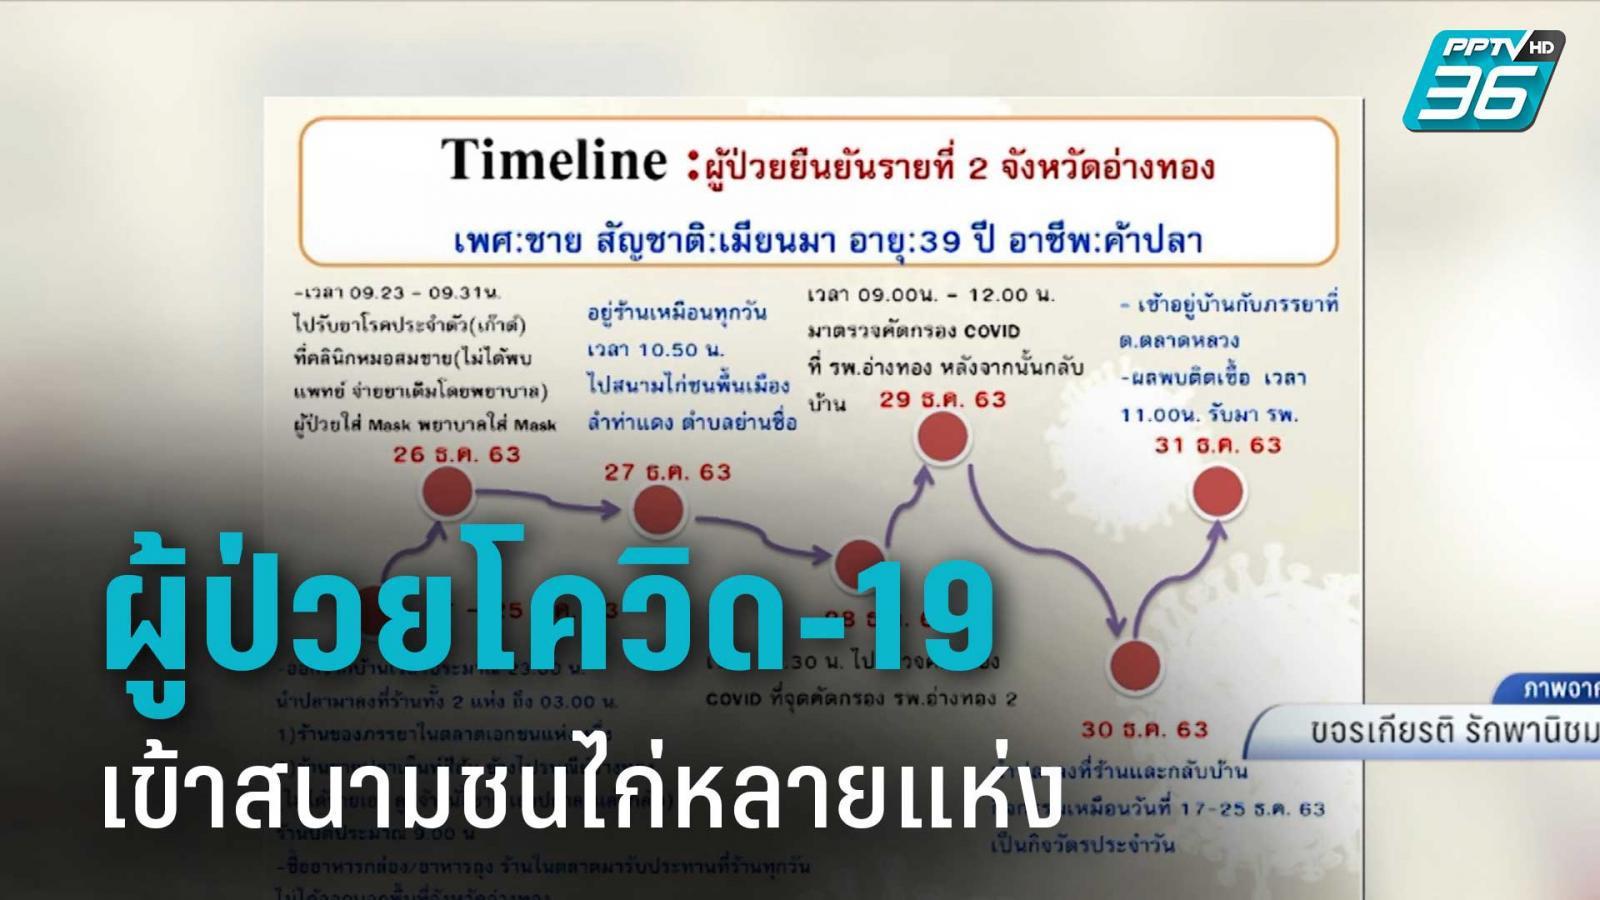 ไทม์ไลน์ อ่างทอง พบผู้ป่วยโควิด-19 เข้าสนามชนไก่หลายแห่ง